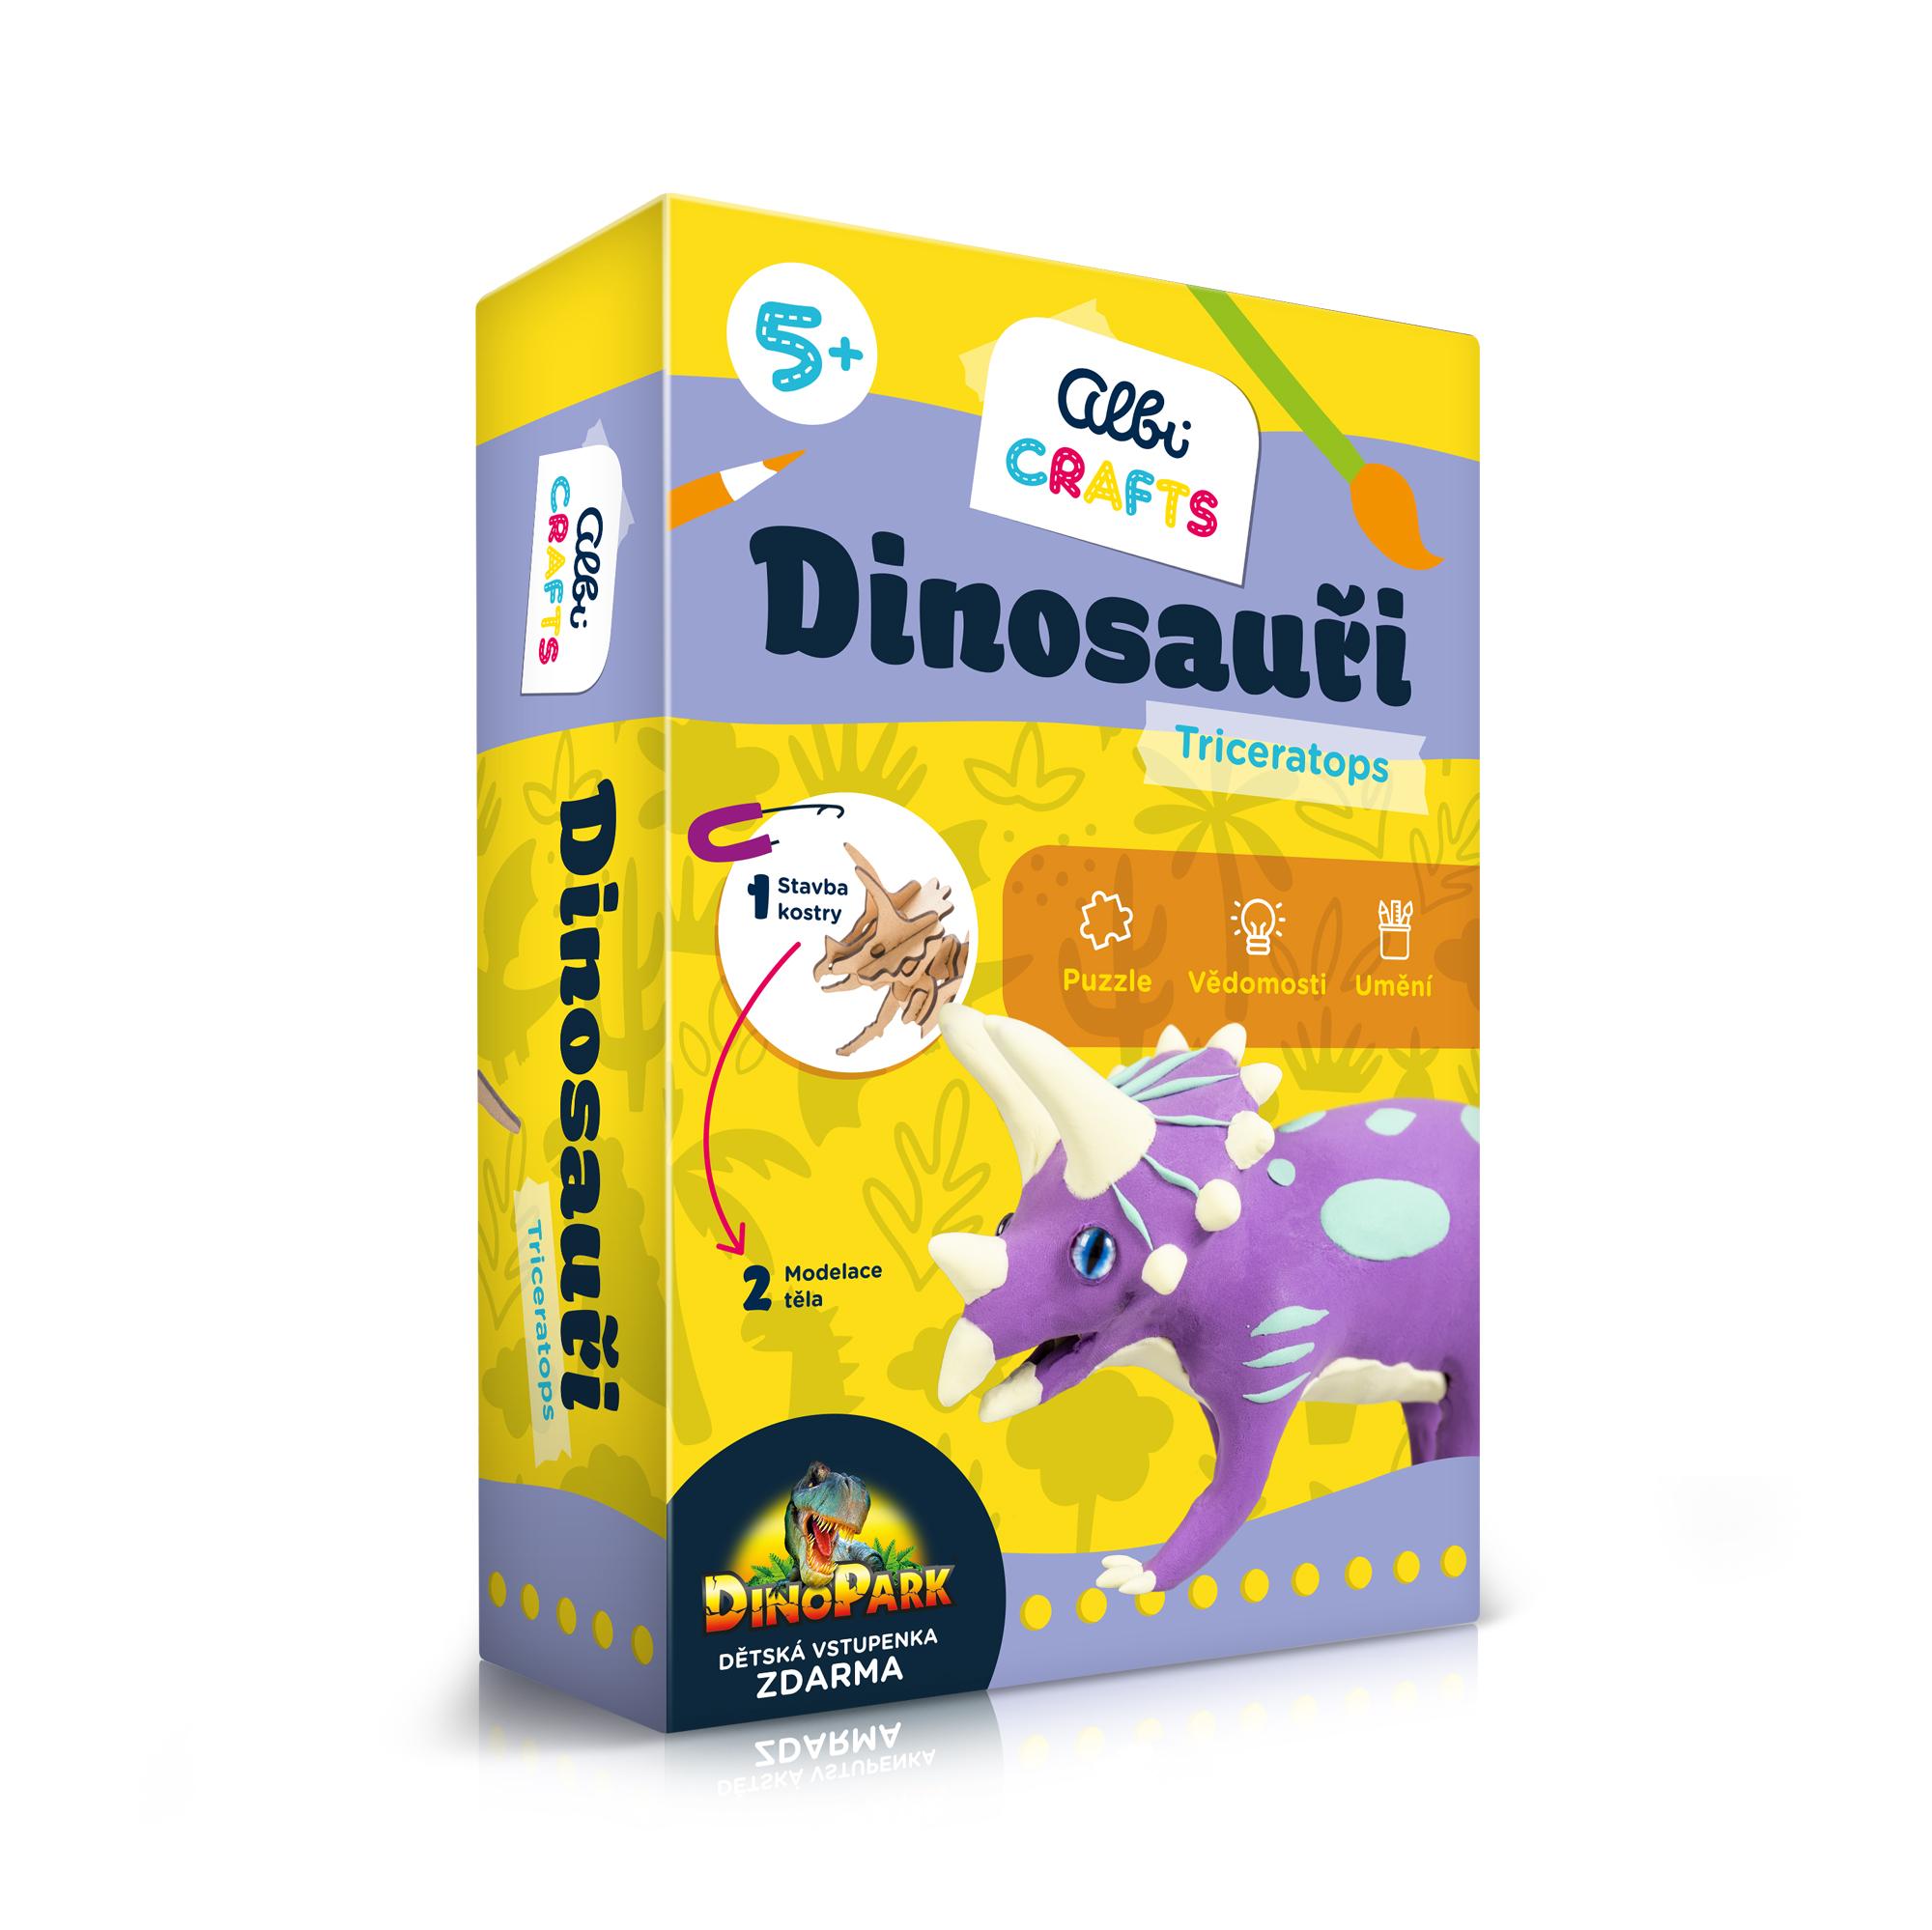 Dinosauři - Triceratops - Albi Crafts